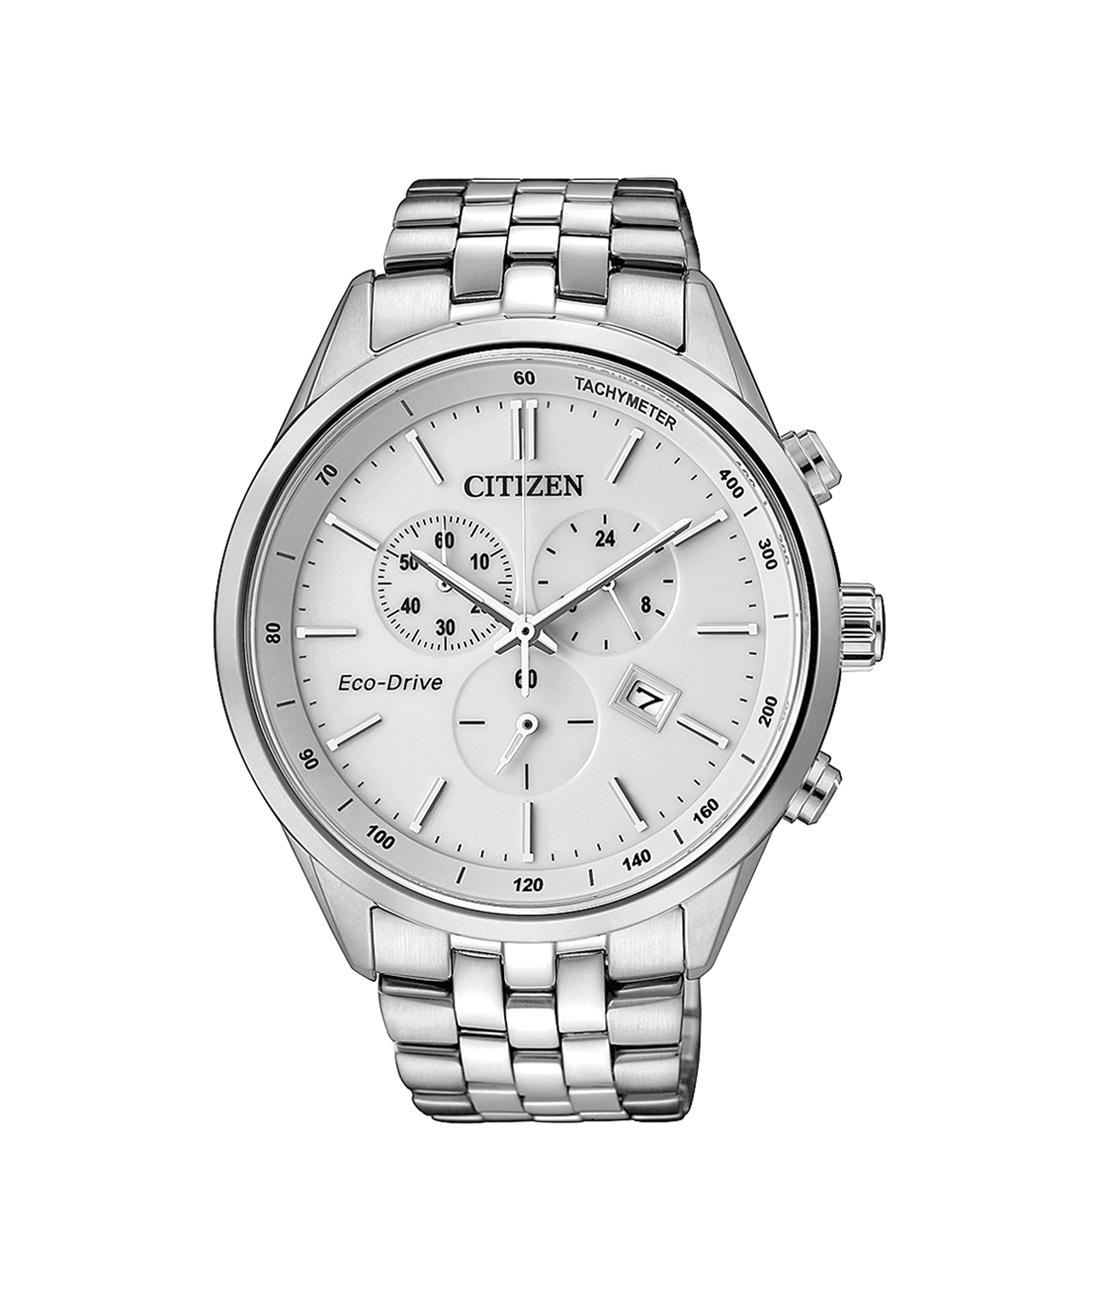 Zegarek Citizen Eco-Drive AT2141-87A w atrakcyjnej cenie ... 5053943475